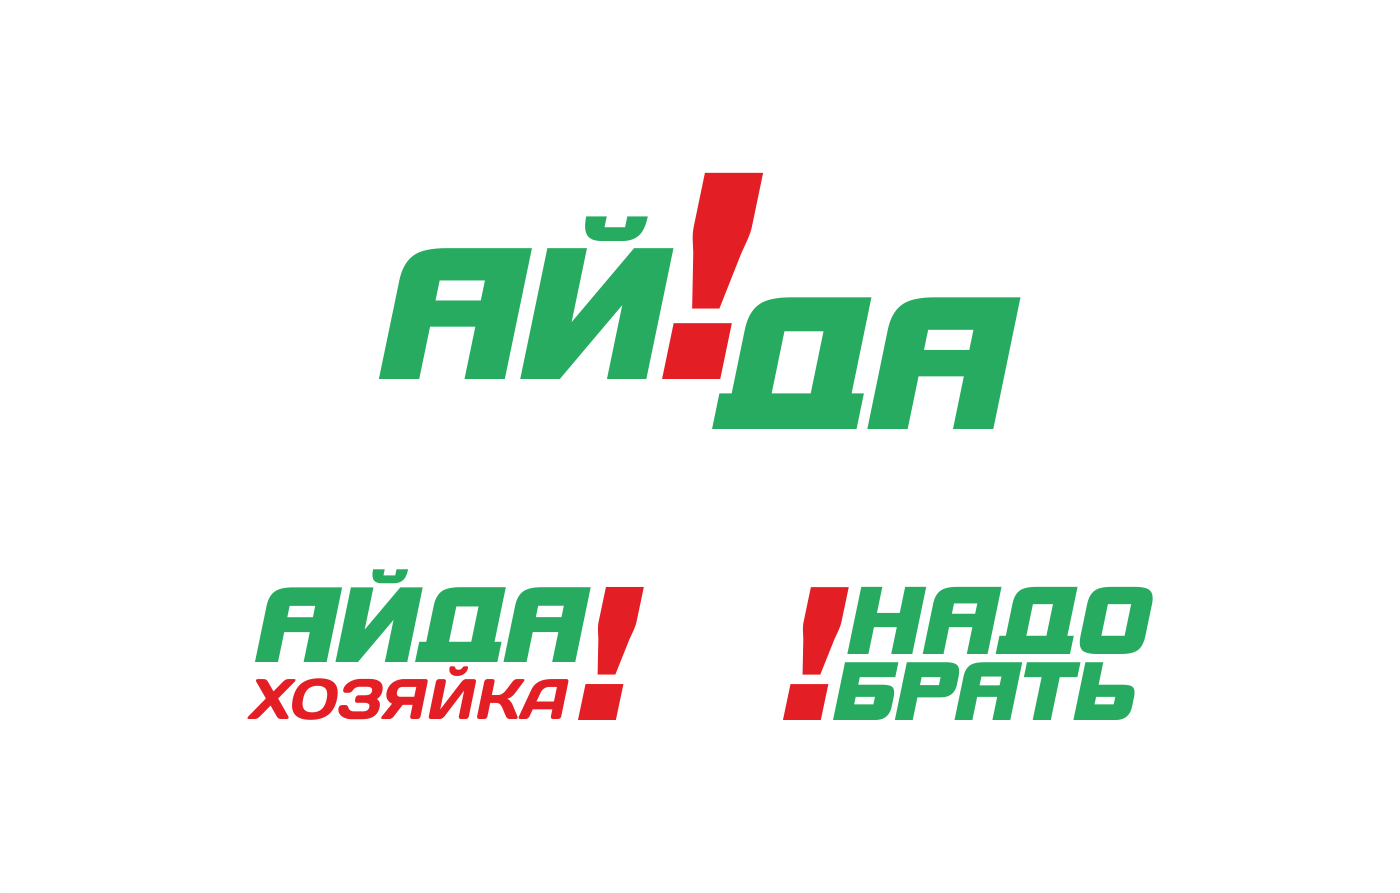 Дизайн логотипа и упаковки СТМ фото f_2645c59a01182eb7.png